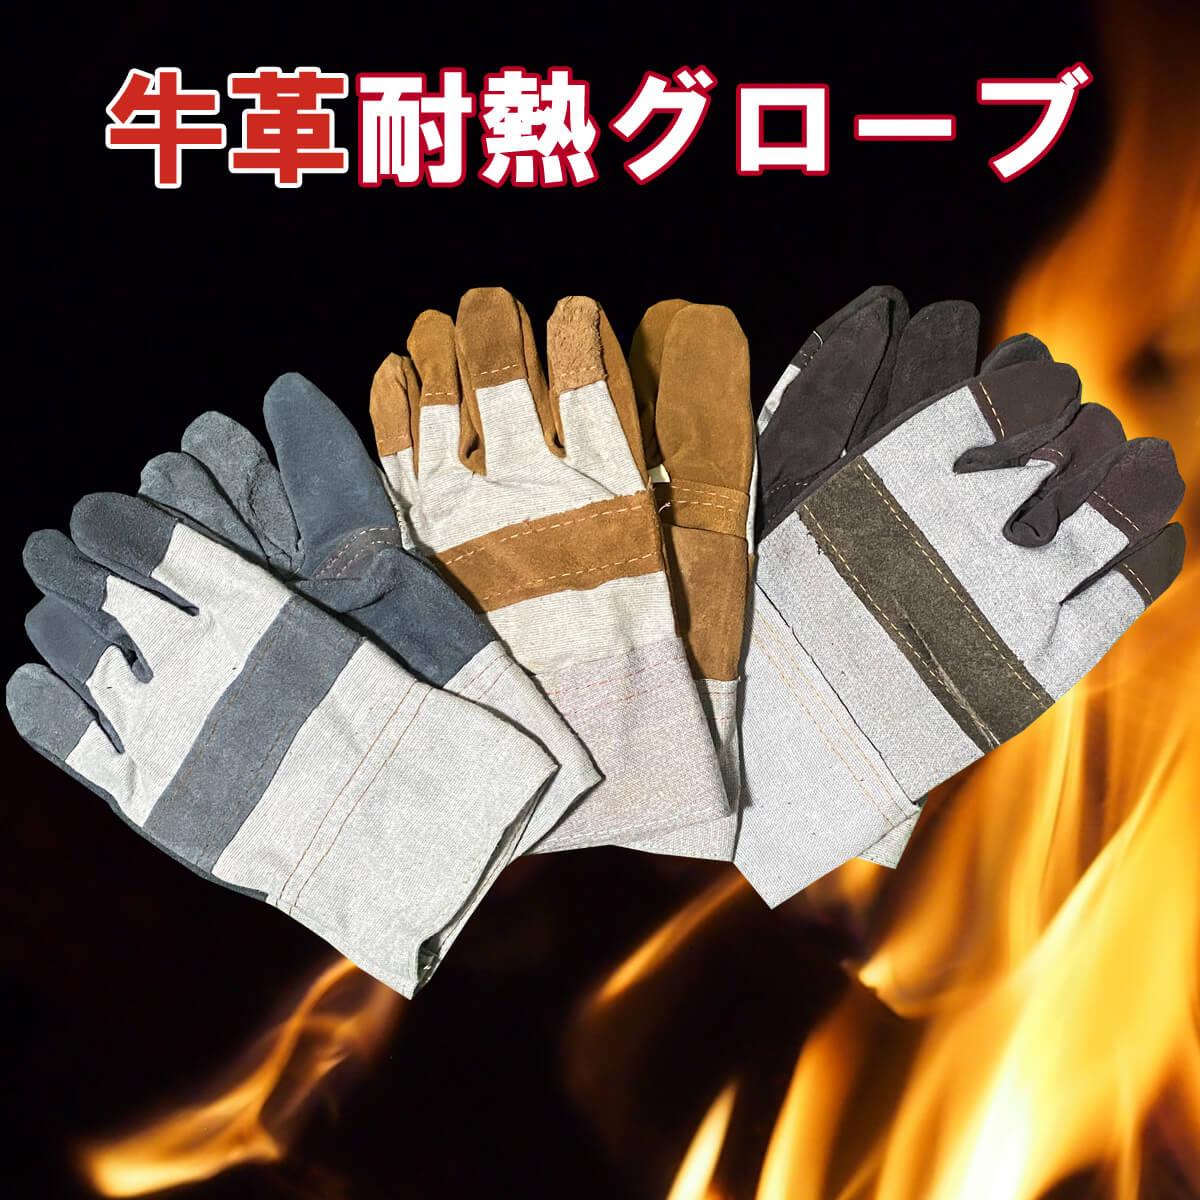 牛革耐熱グローブ 溶接手袋 耐熱手袋